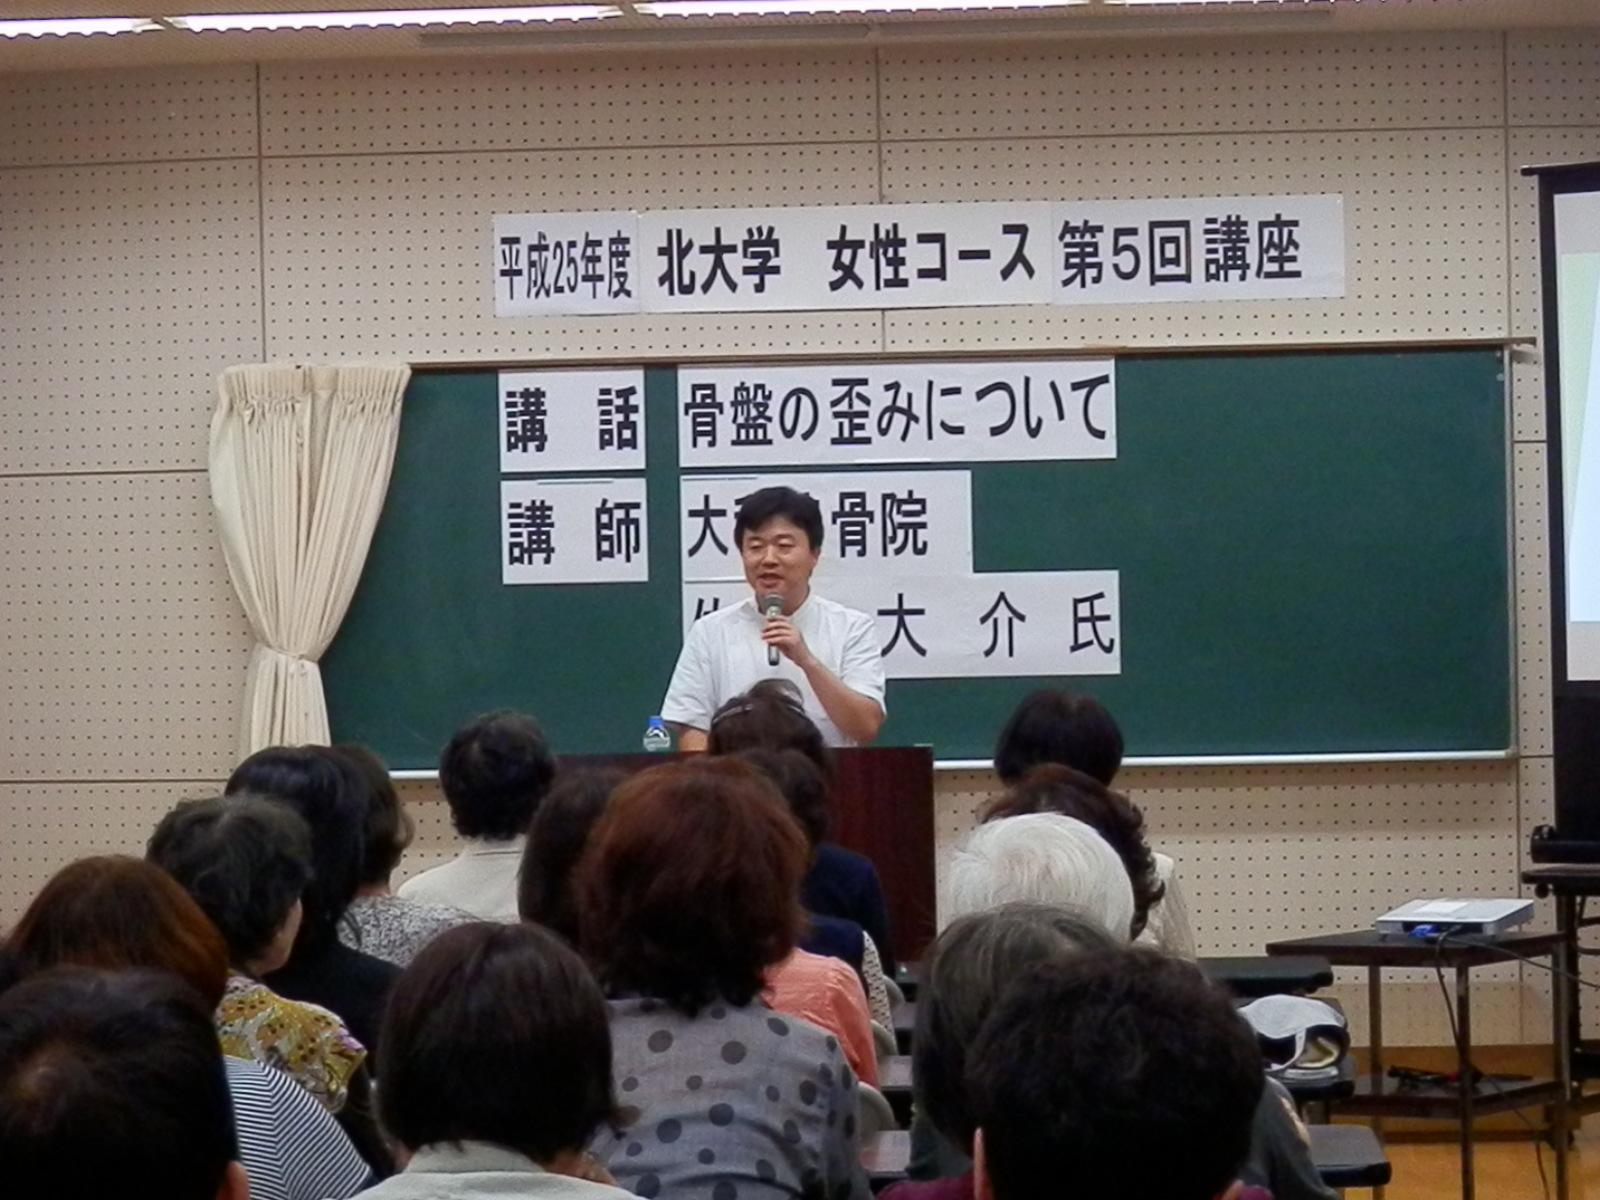 大介講演2 (1).jpg